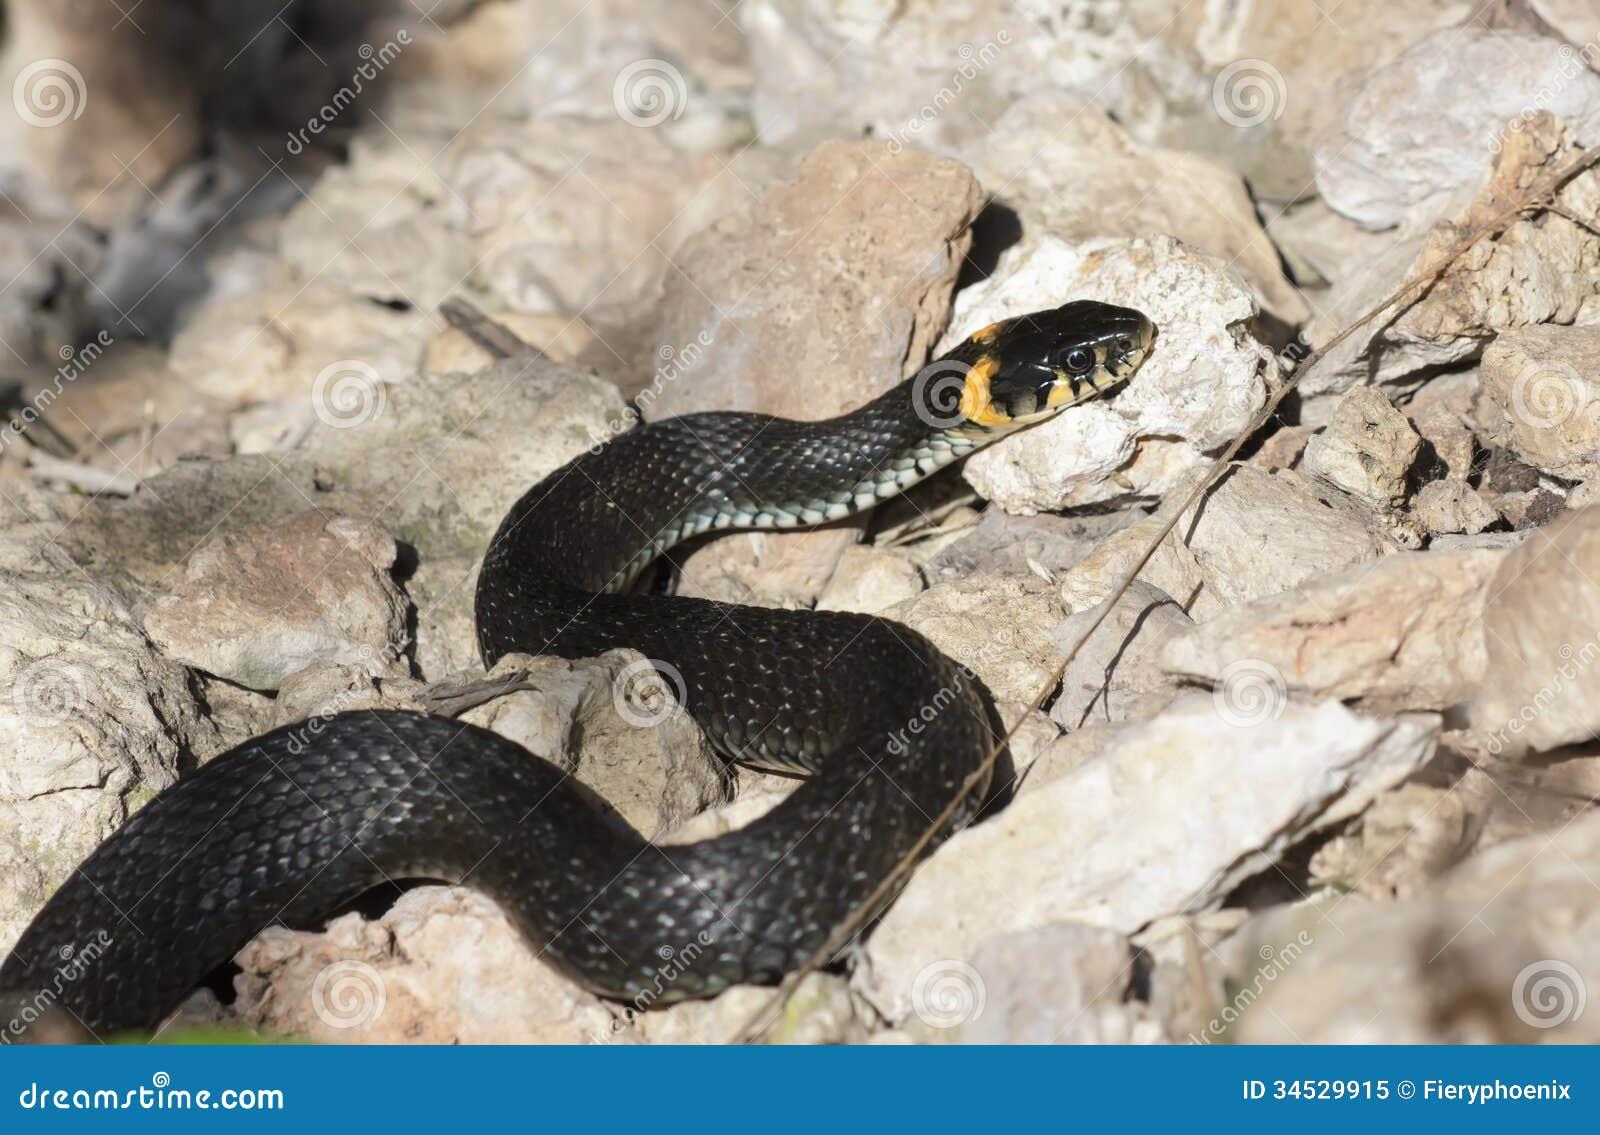 Grasschlange mit seiner Zunge, die auf dem Boden heraus kriechen hängt